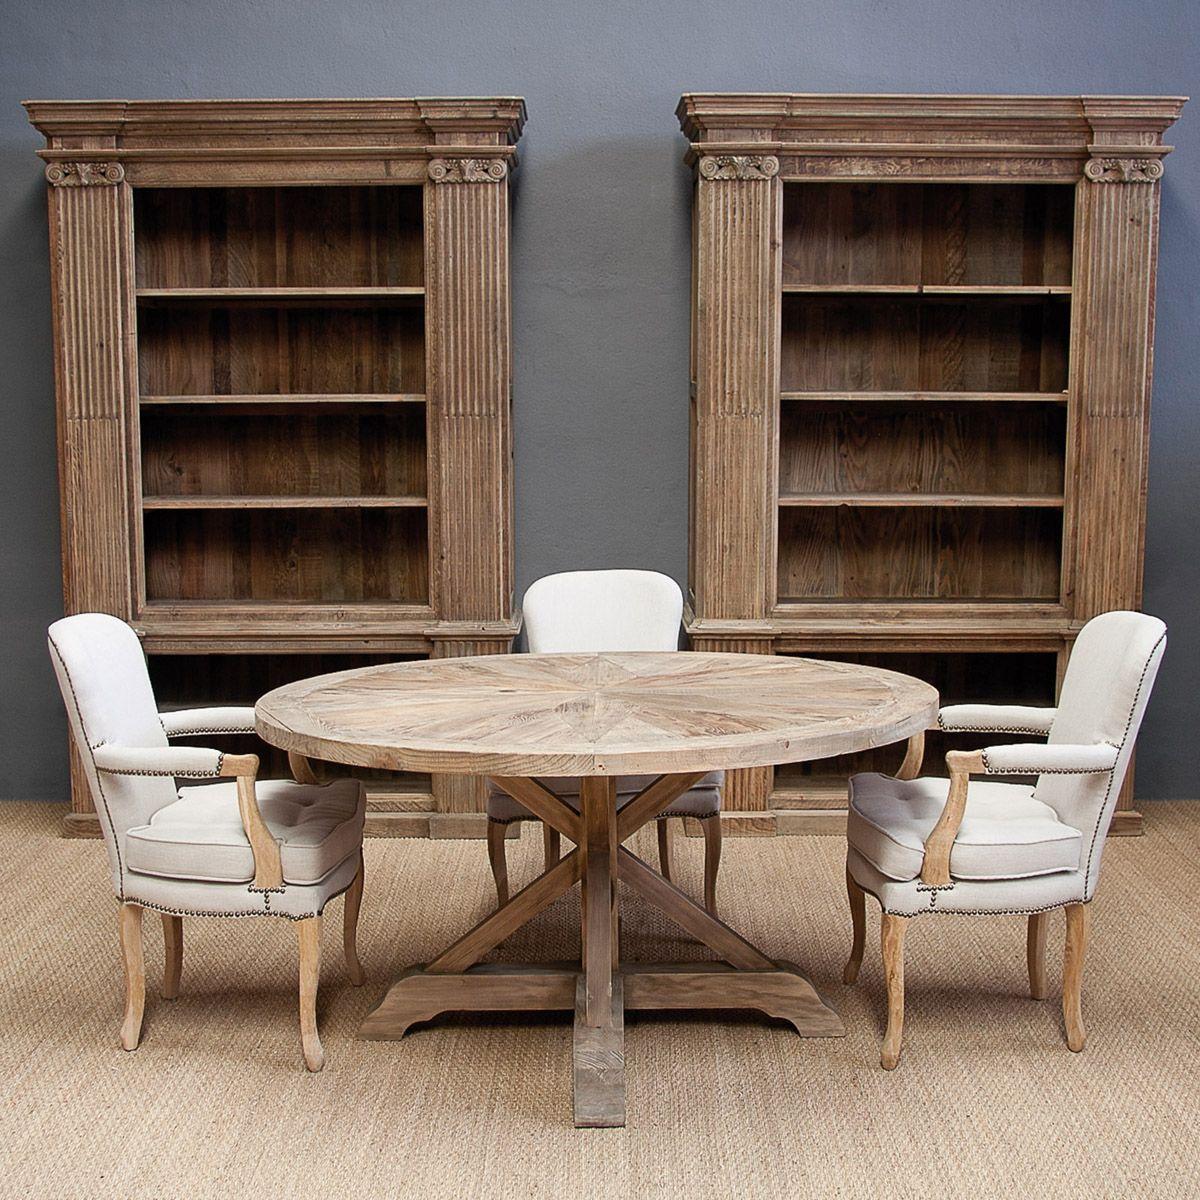 se 1233 24 op4 mesa redonda madera envejecida 150x150x78